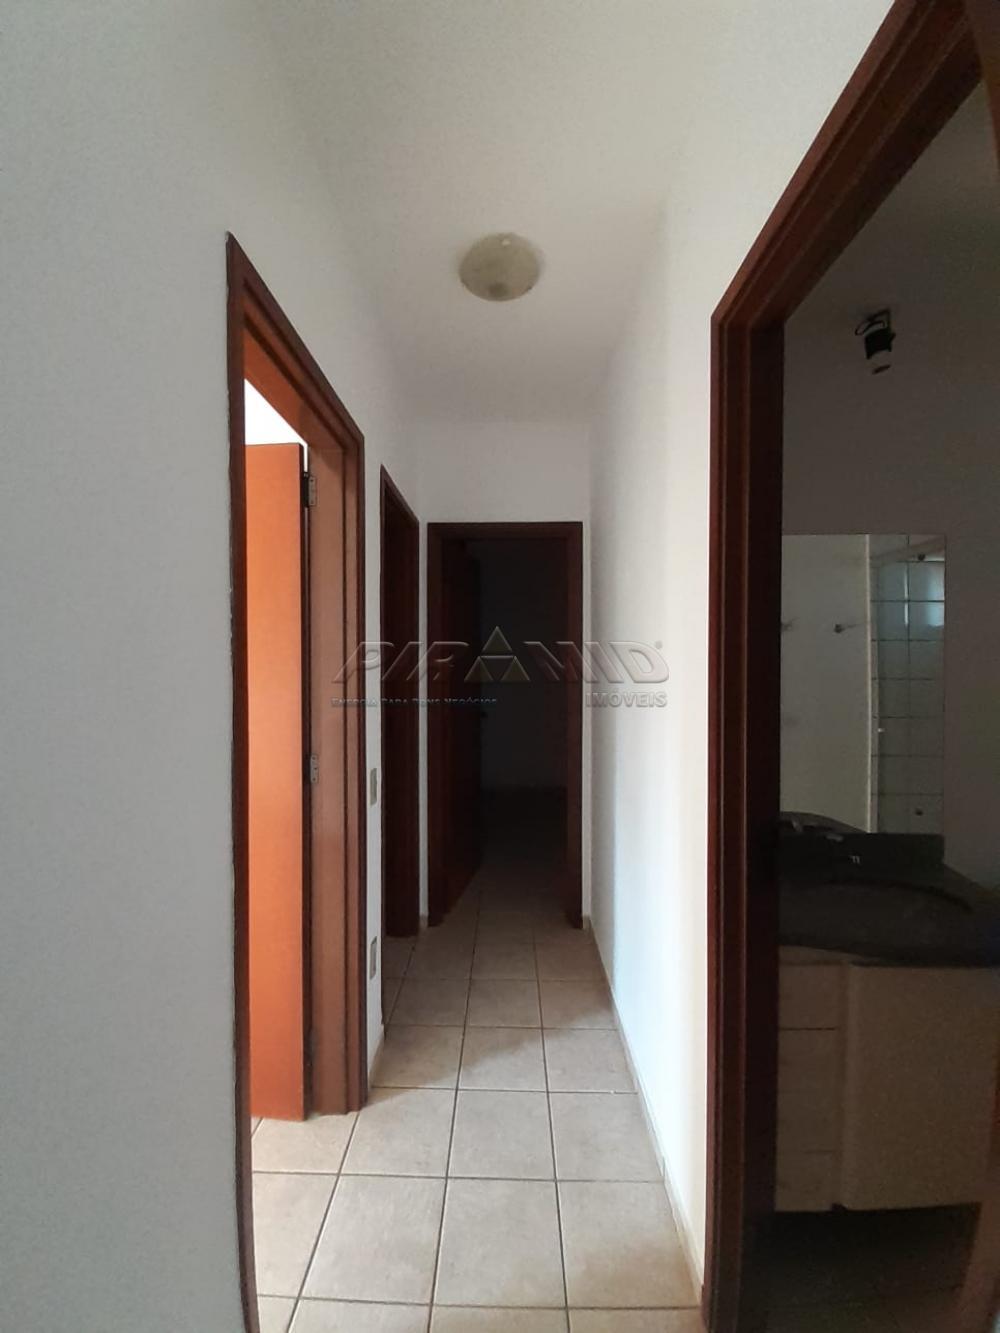 Alugar Apartamento / Padrão em Ribeirão Preto R$ 1.200,00 - Foto 5